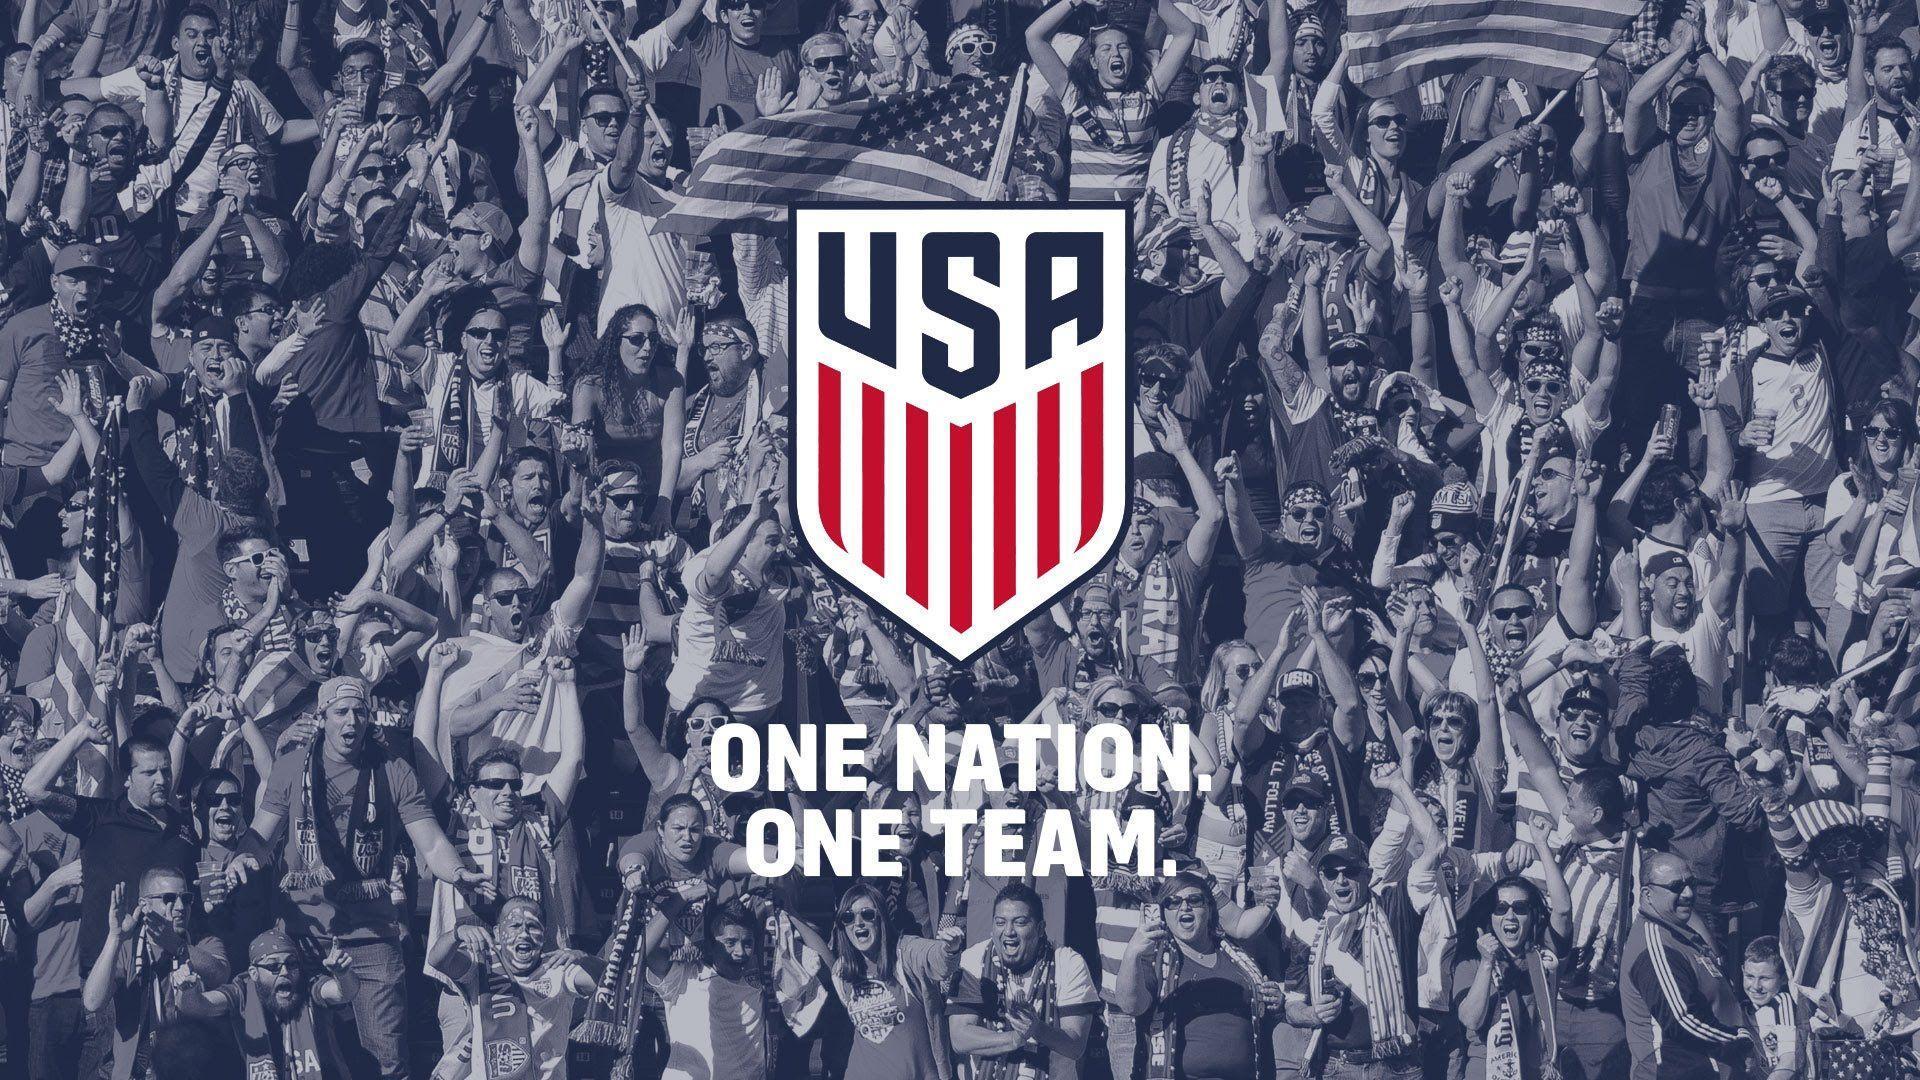 Best 59 USMNT Wallpaper on HipWallpaper USMNT Wallpaper FIFA 1920x1080